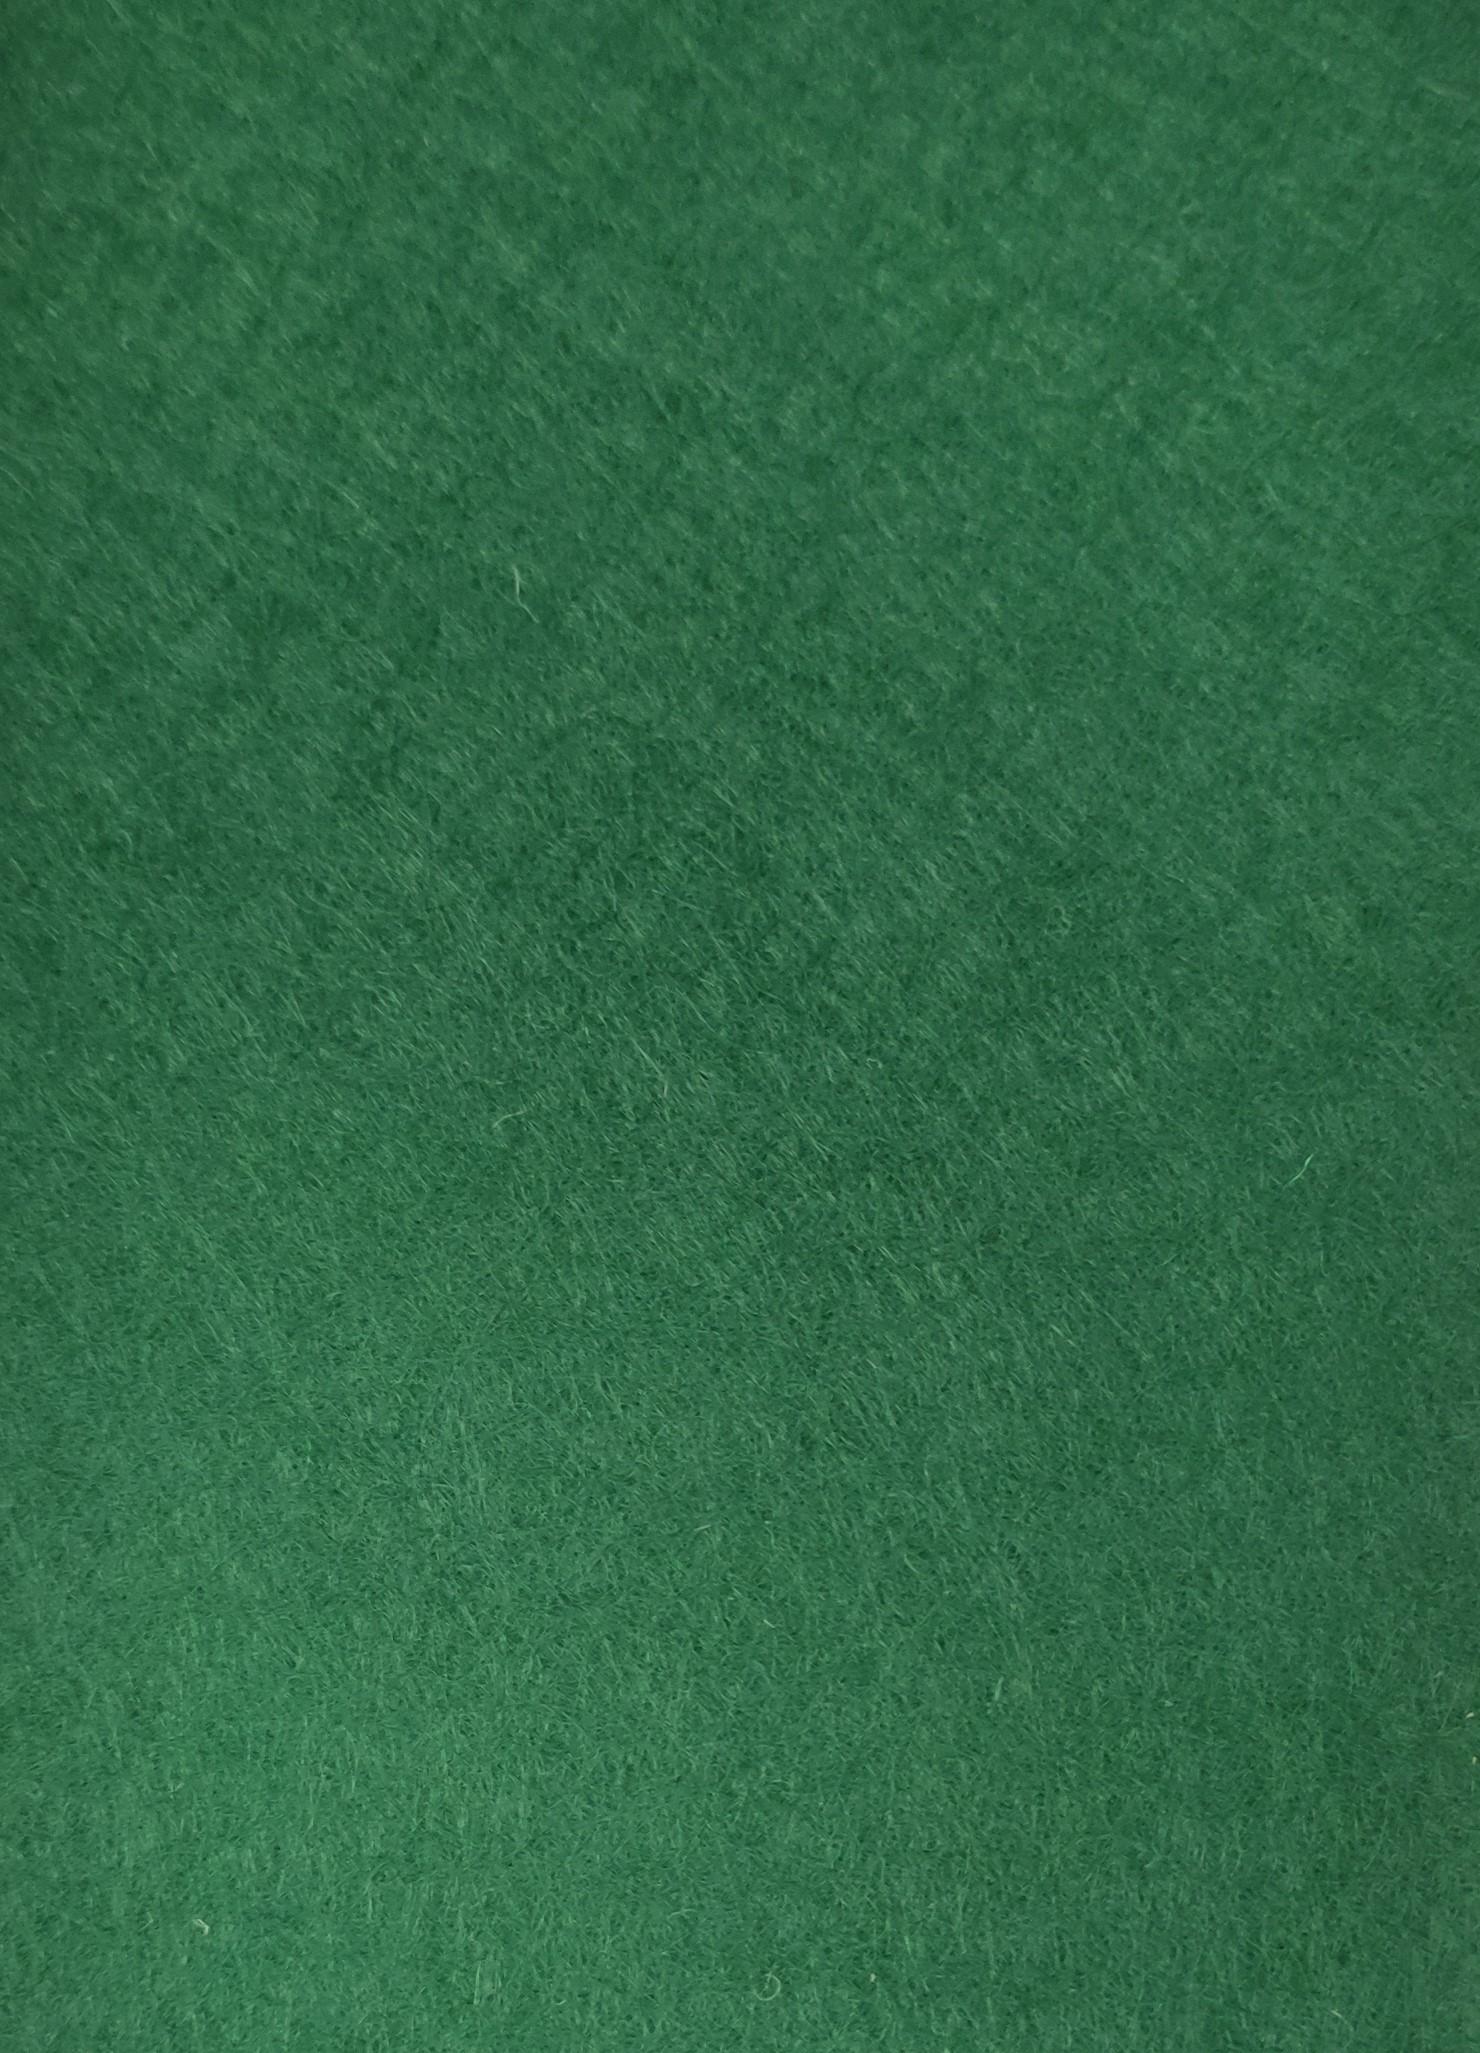 032 grün